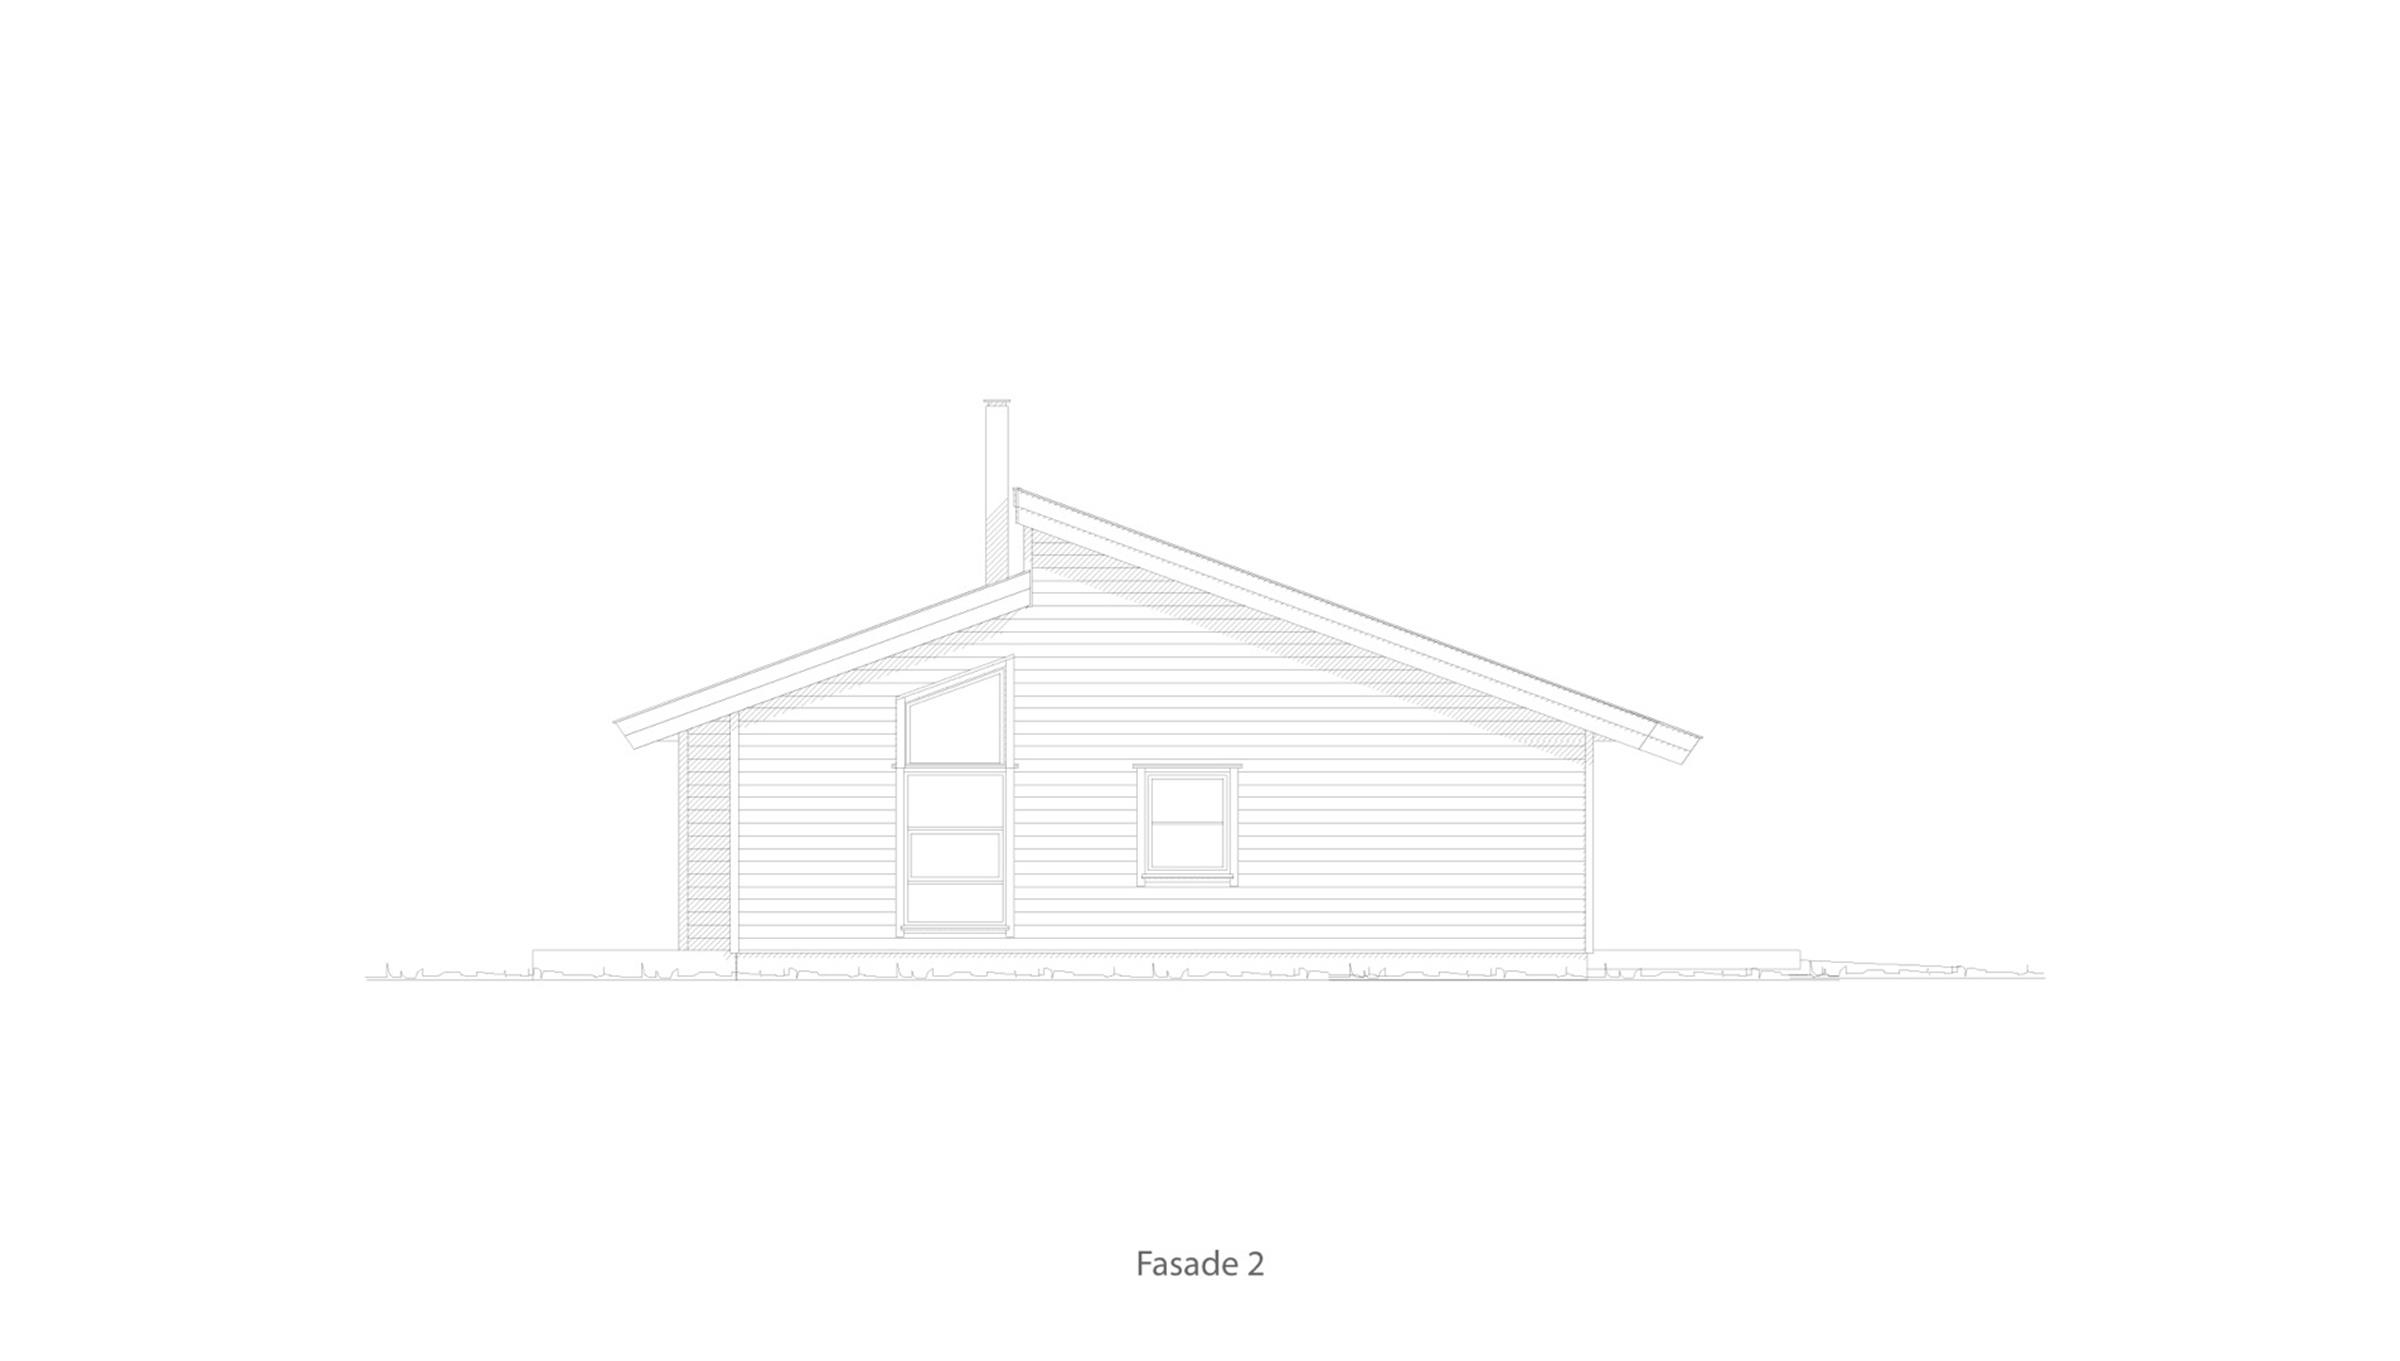 Larvik fasade 2